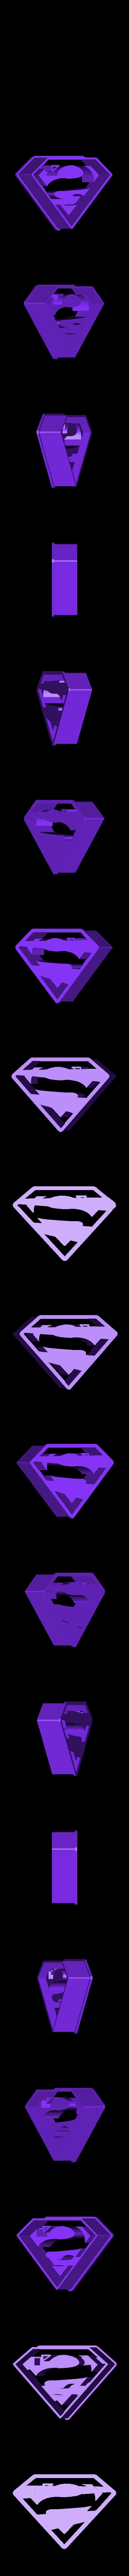 superman.stl Télécharger fichier STL Emporte-pièces DC super héros • Design imprimable en 3D, 3D-mon